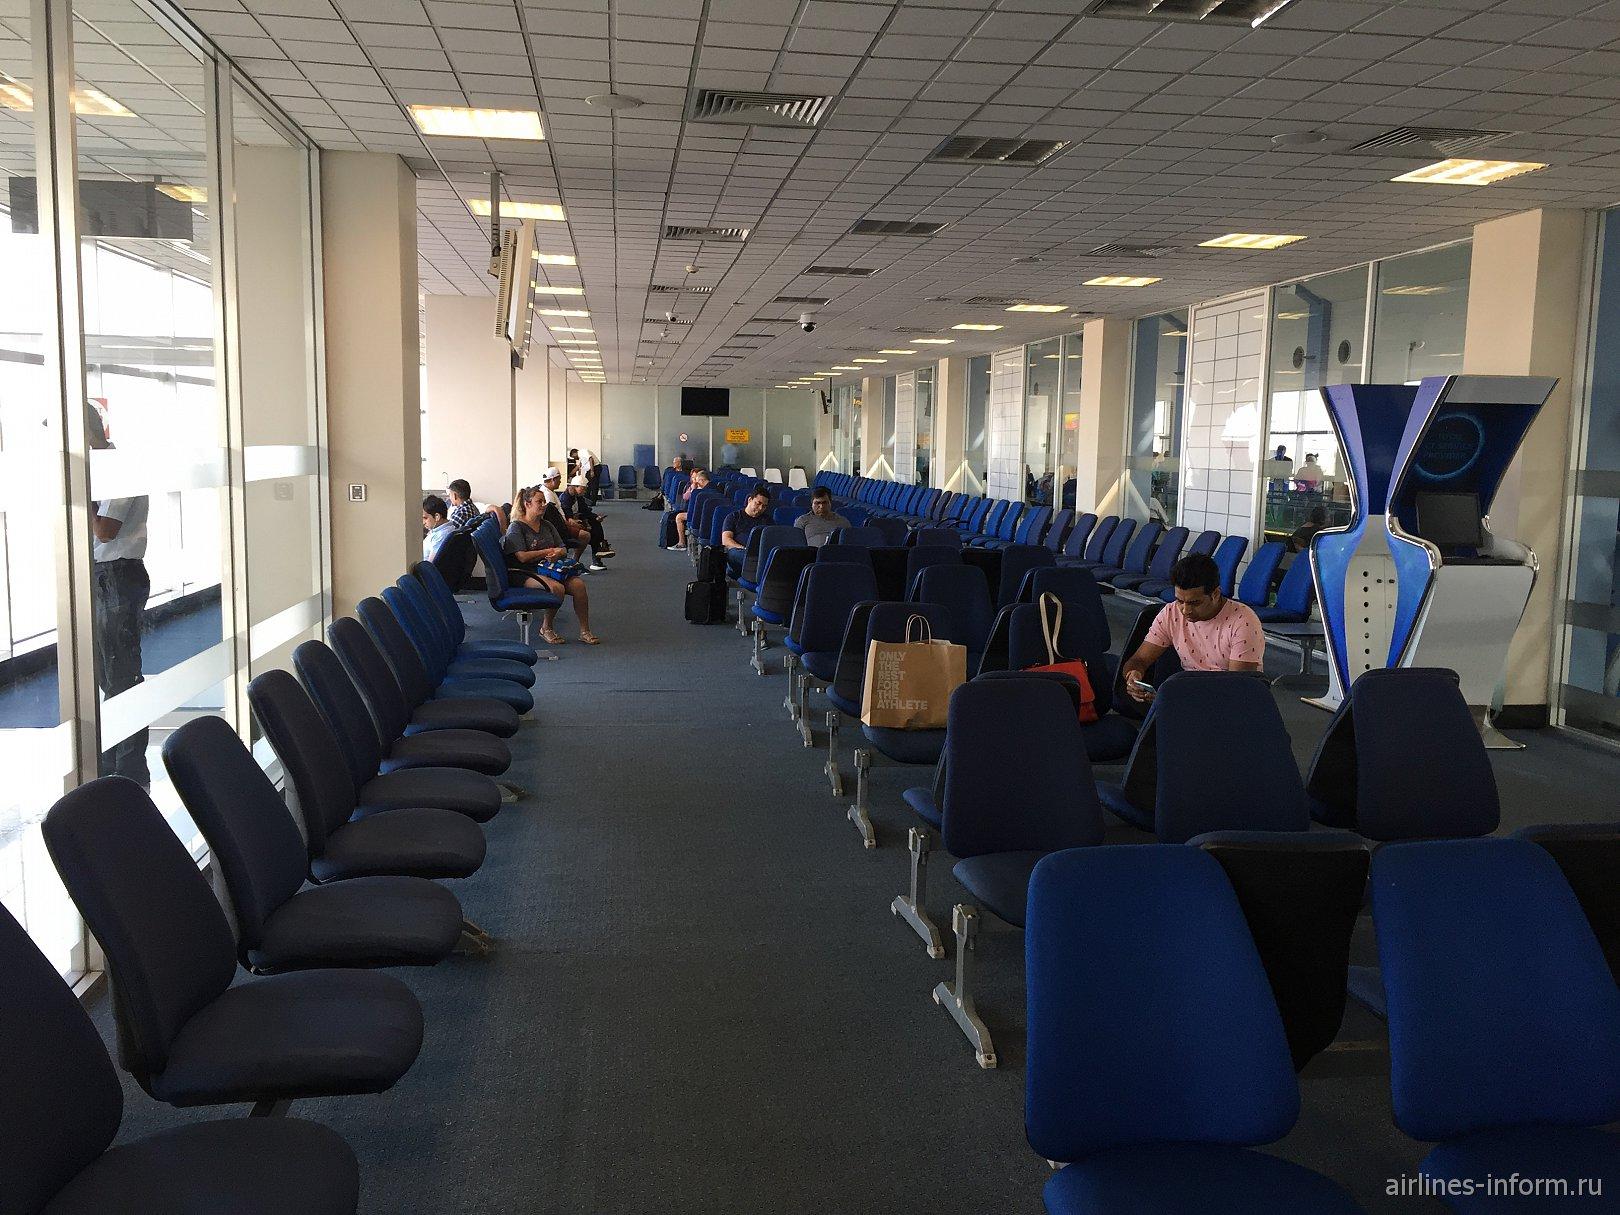 Зал ожидания перед выходом к телетрапу в аэропорту Коломбо Бандаранайке